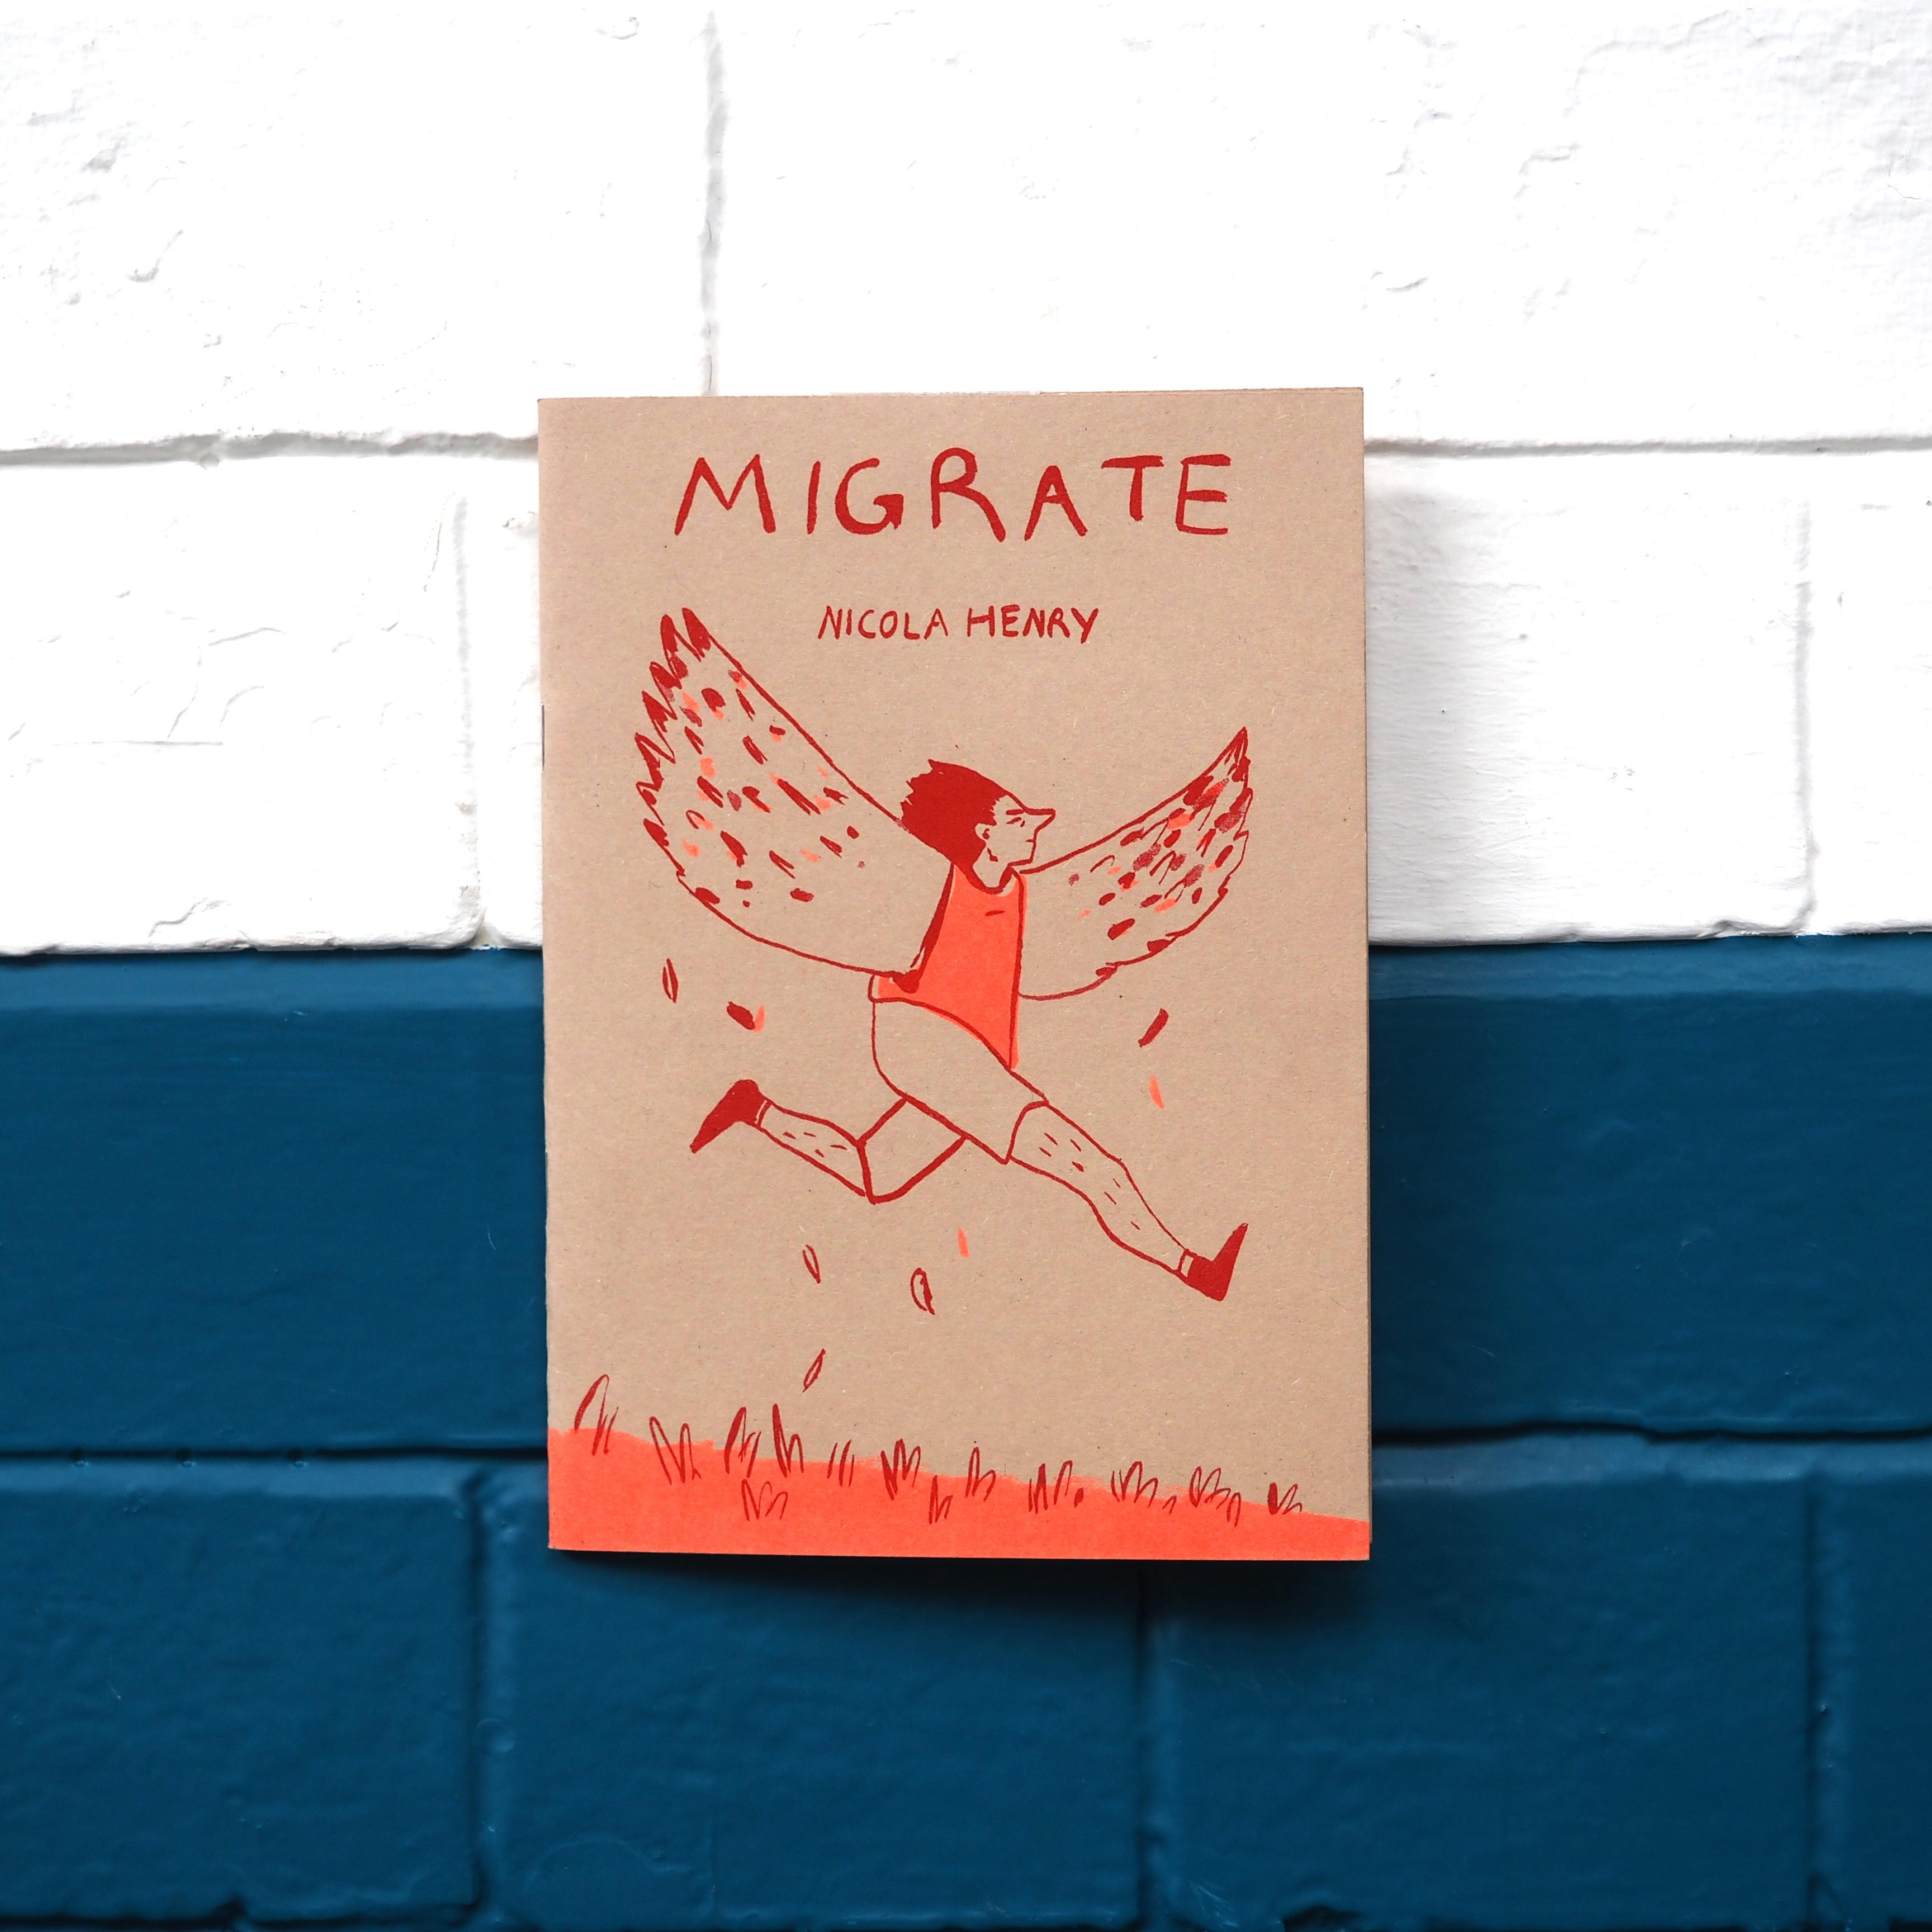 Migrate - Nicola Henry